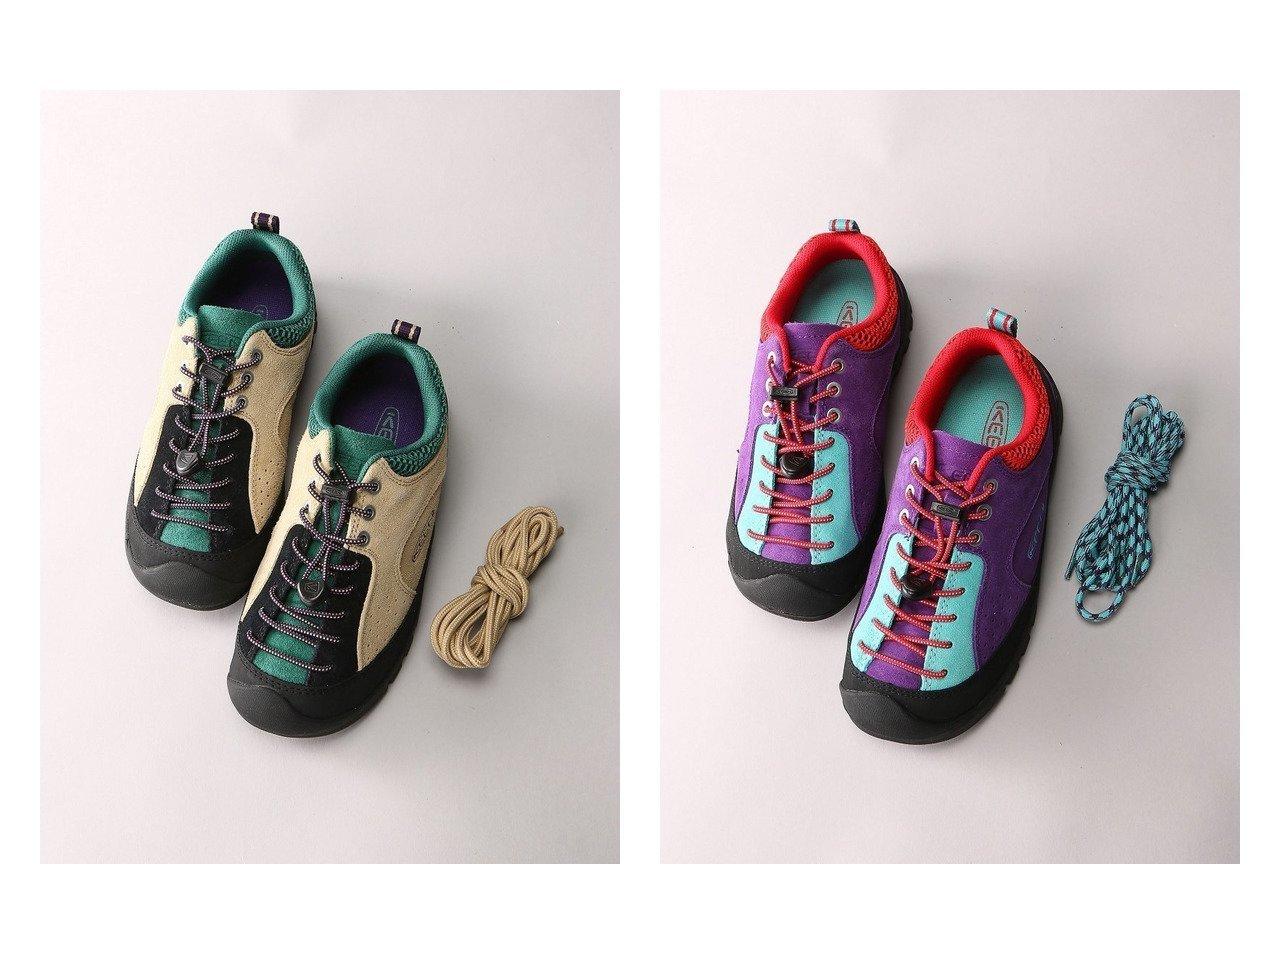 【JEANASiS/ジーナシス】のKEENジャスパー19SS 【シューズ・靴】おすすめ!人気、トレンド・レディースファッションの通販 おすすめで人気の流行・トレンド、ファッションの通販商品 インテリア・家具・メンズファッション・キッズファッション・レディースファッション・服の通販 founy(ファニー) https://founy.com/ ファッション Fashion レディースファッション WOMEN アウトドア クッション シューズ スエード スニーカー スポーツ スリッポン 定番 Standard 人気 メッシュ レース S/S・春夏 SS・Spring/Summer おすすめ Recommend  ID:crp329100000043161